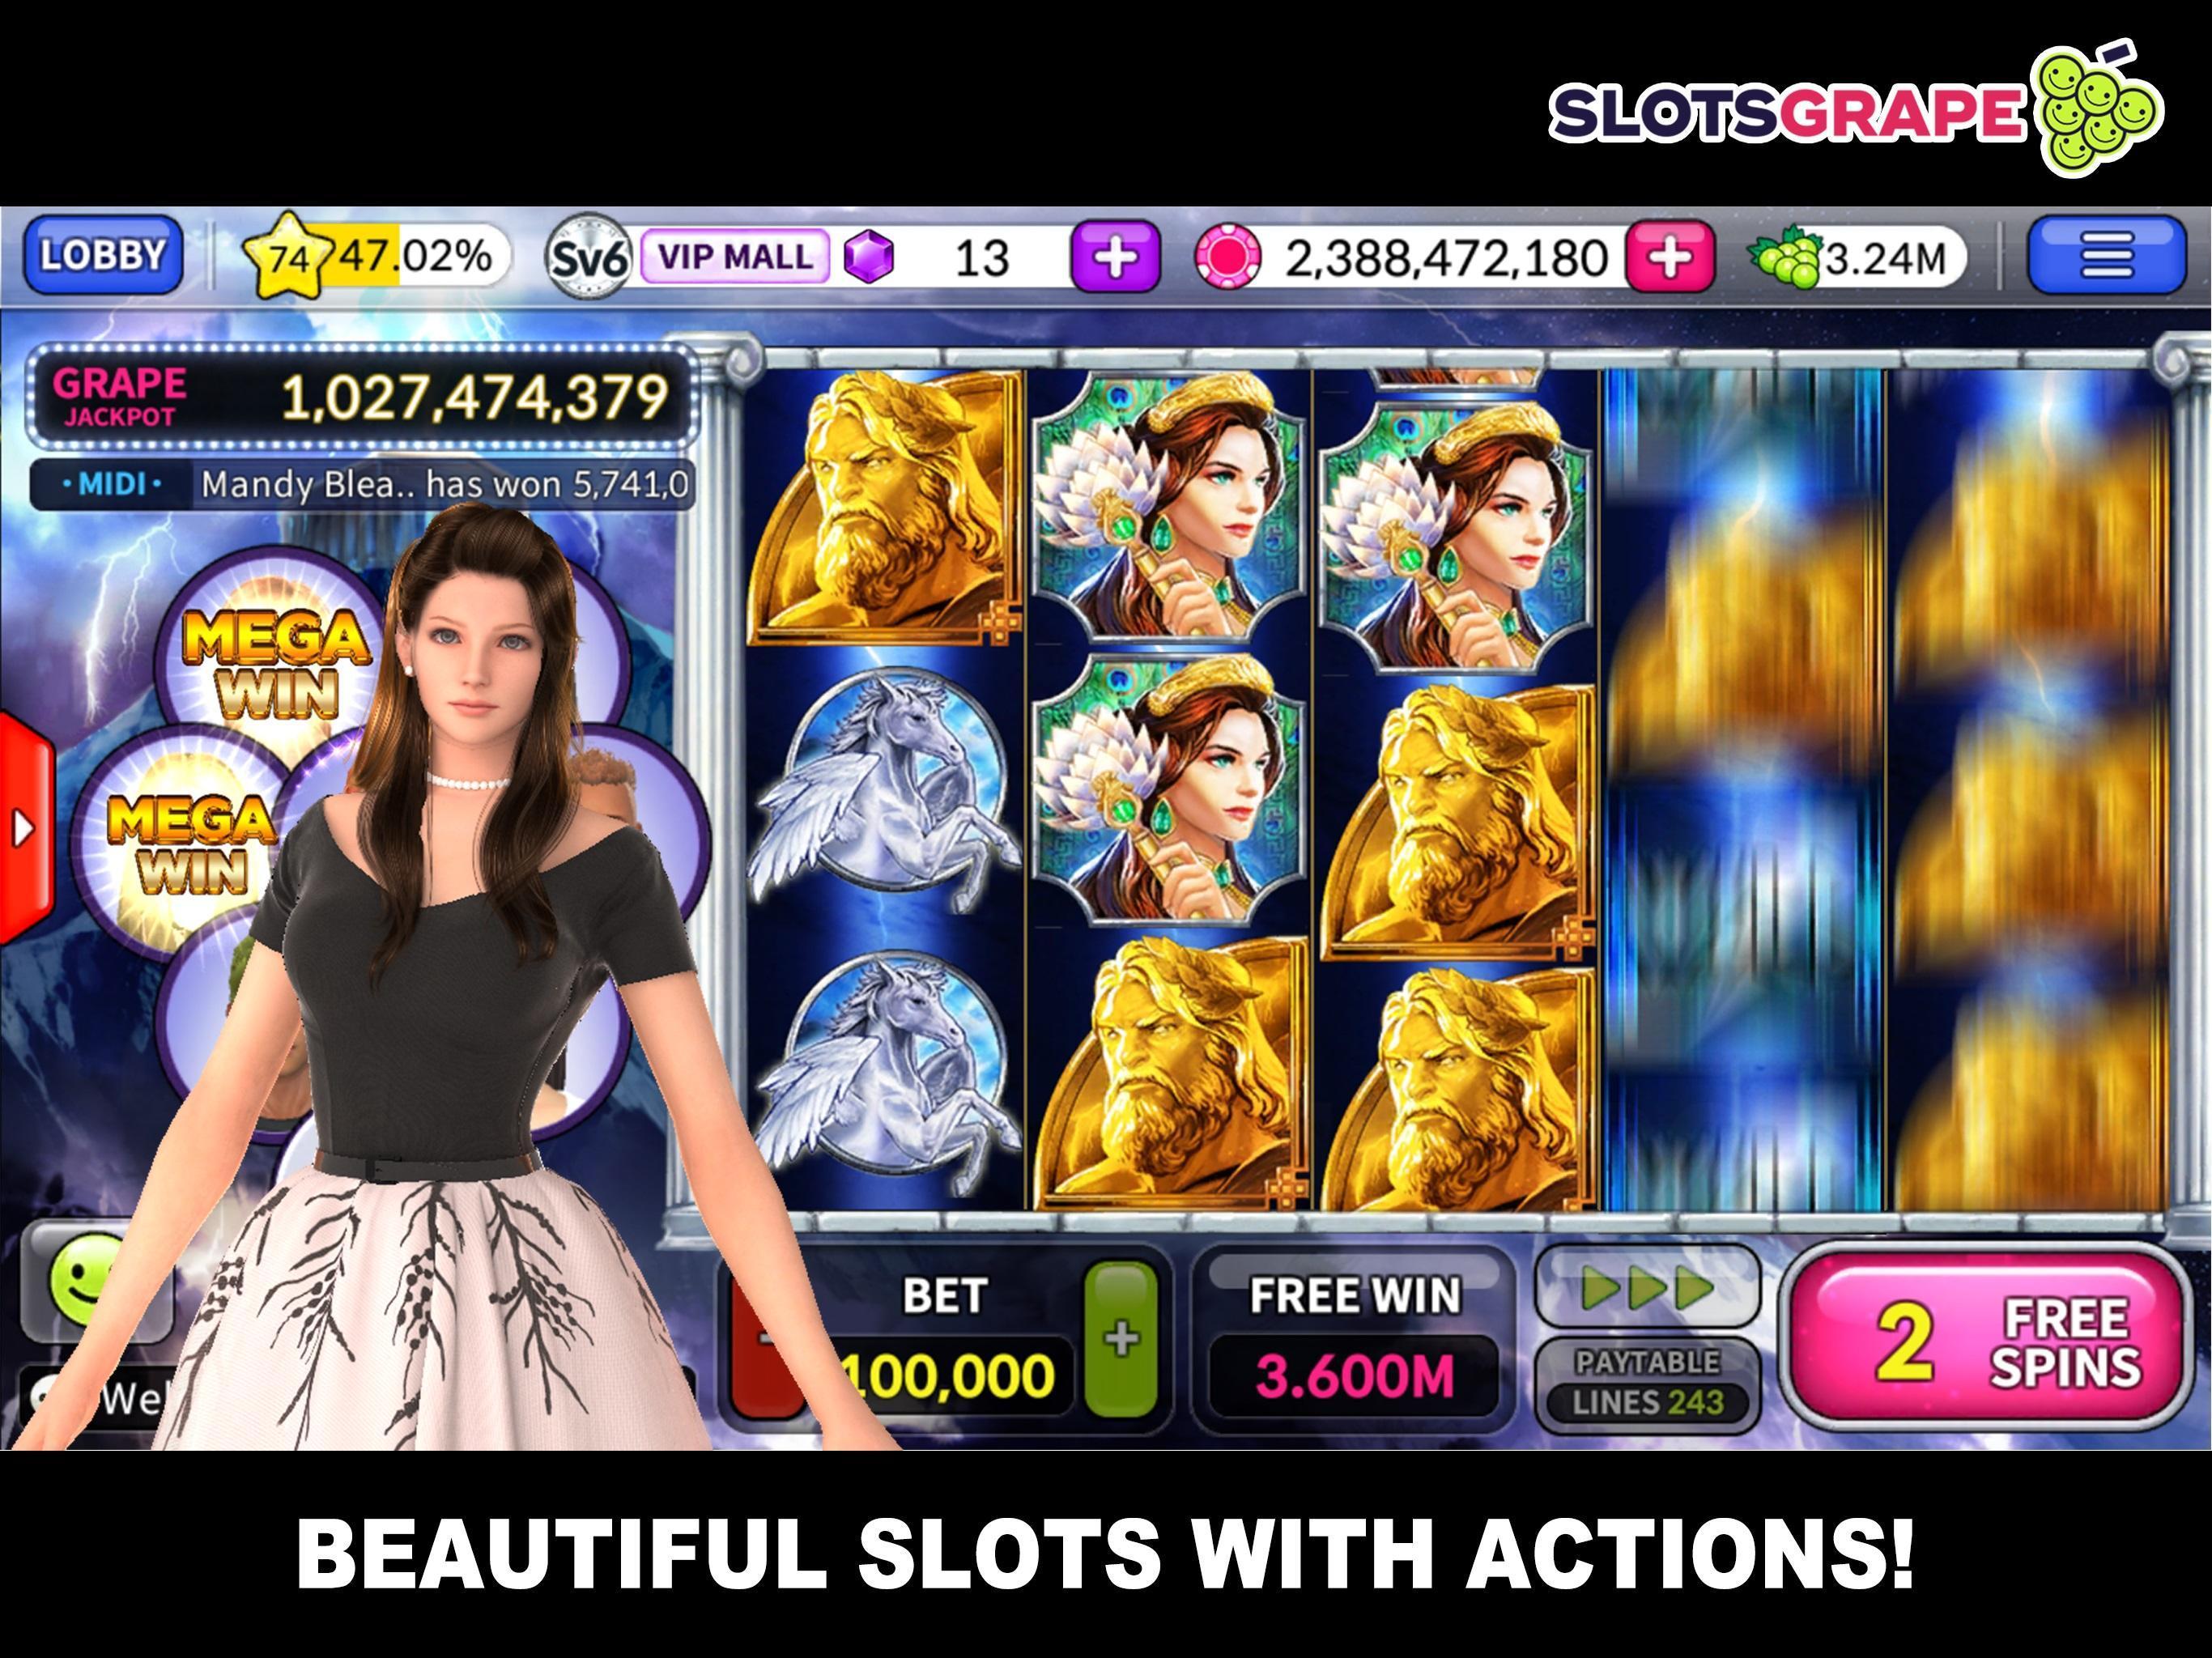 SLOTS GRAPE Free Slots and Table Games 1.0.78 Screenshot 3